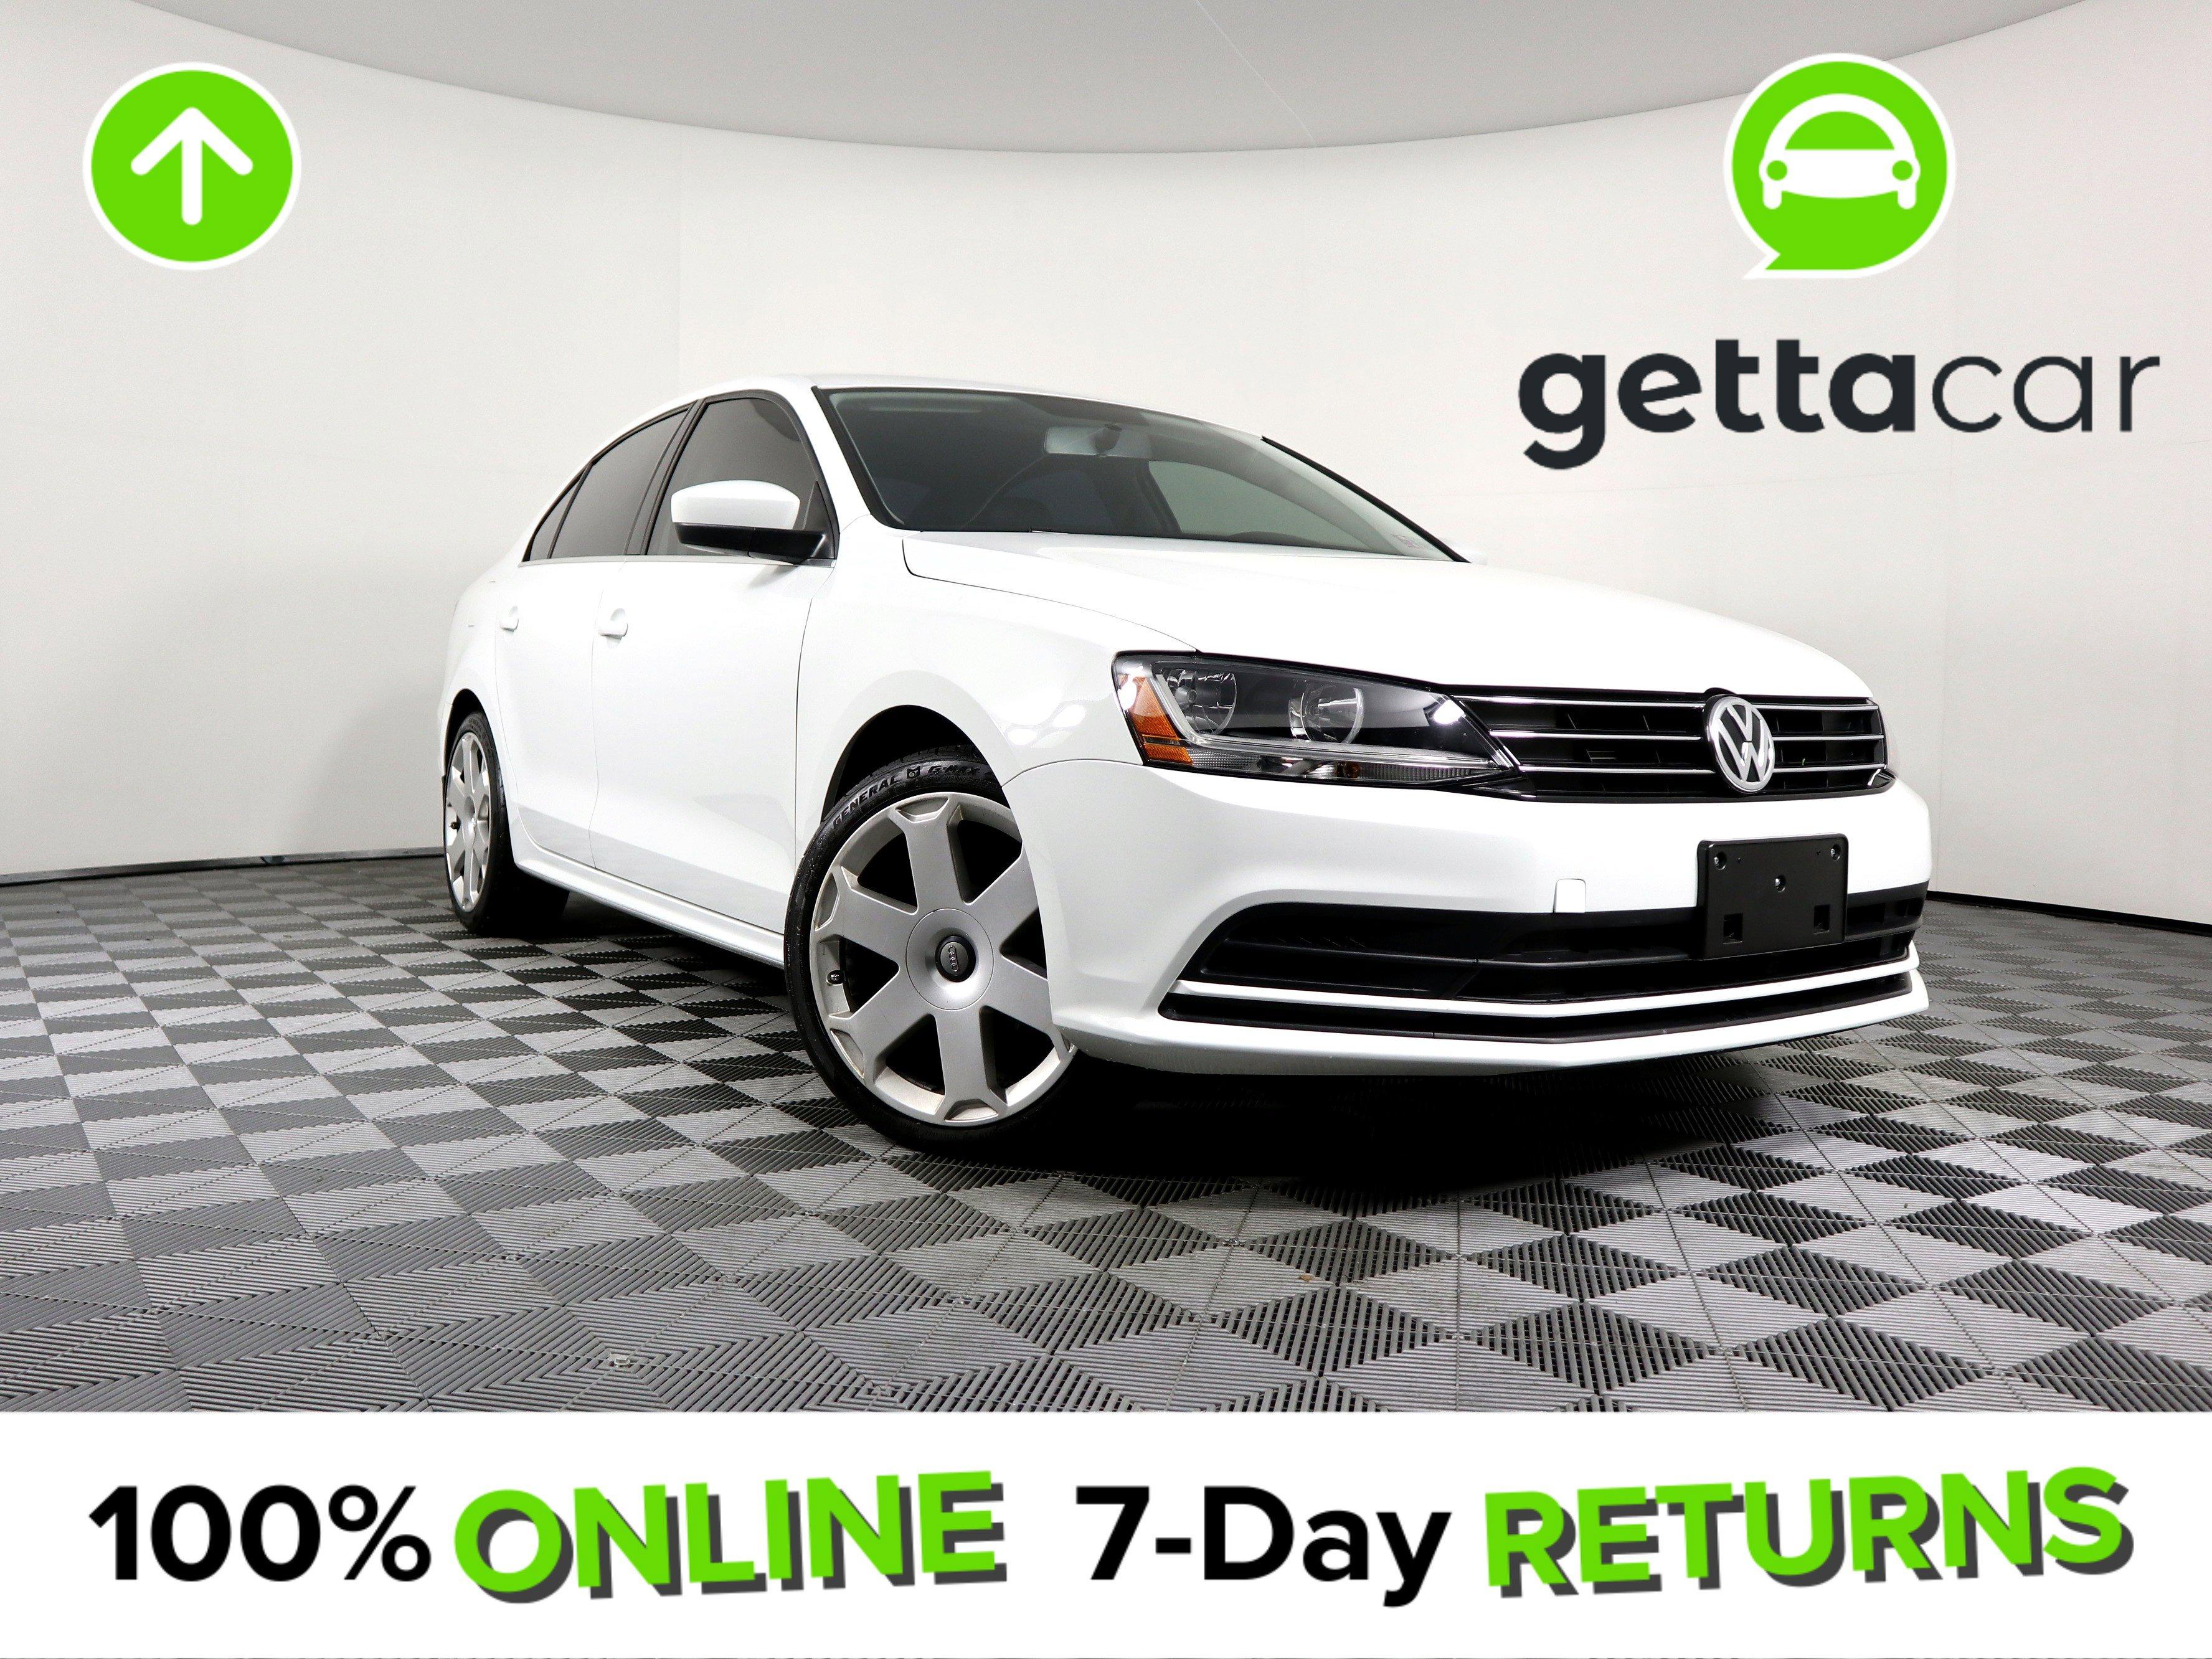 2017 Volkswagen Jetta S image